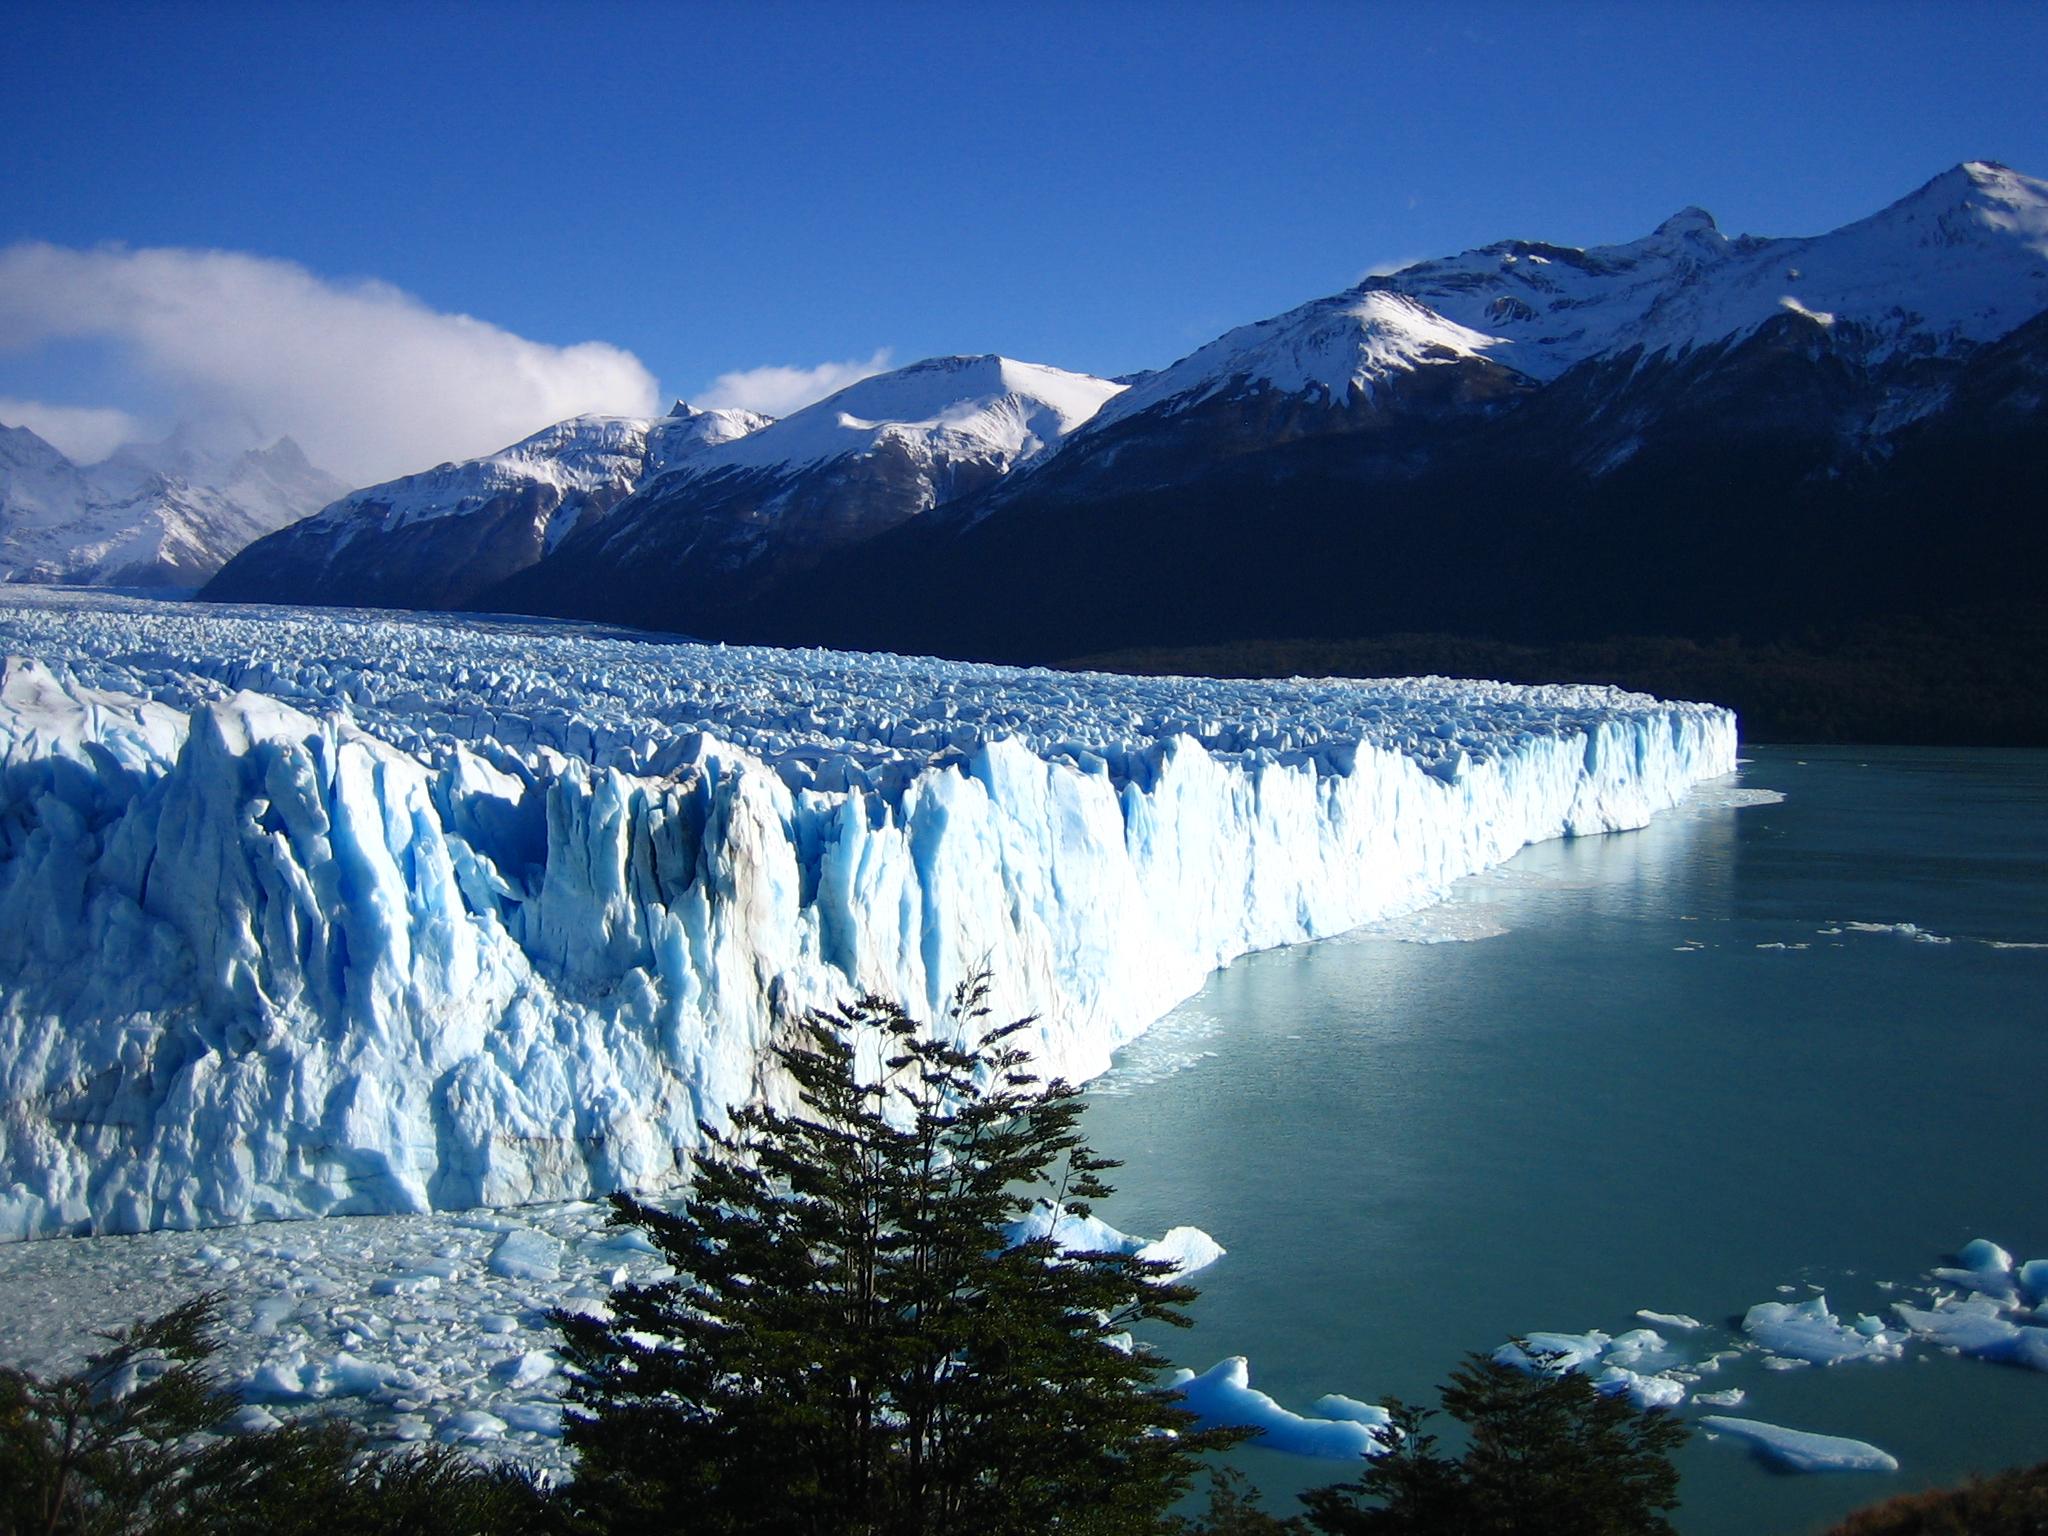 Pierwszy widok, jaki oferuje Lodowiec Perito Moreno